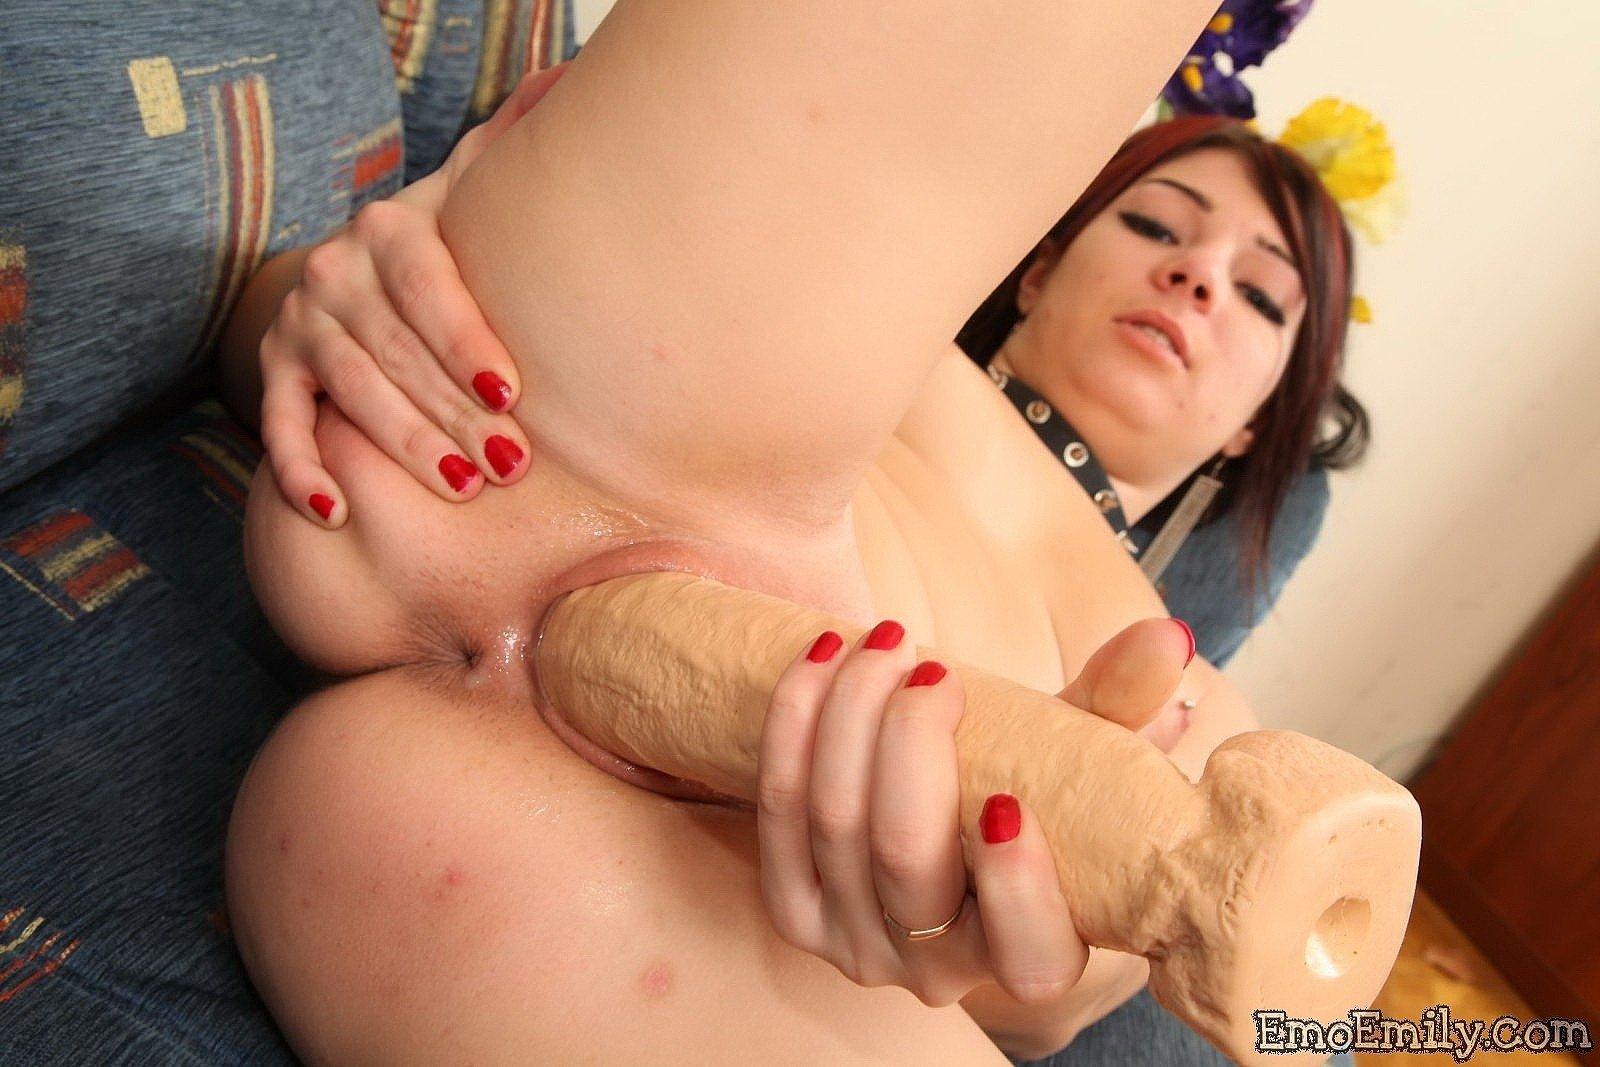 Девушка эмо тарабанит пизду большой секс игрушкой